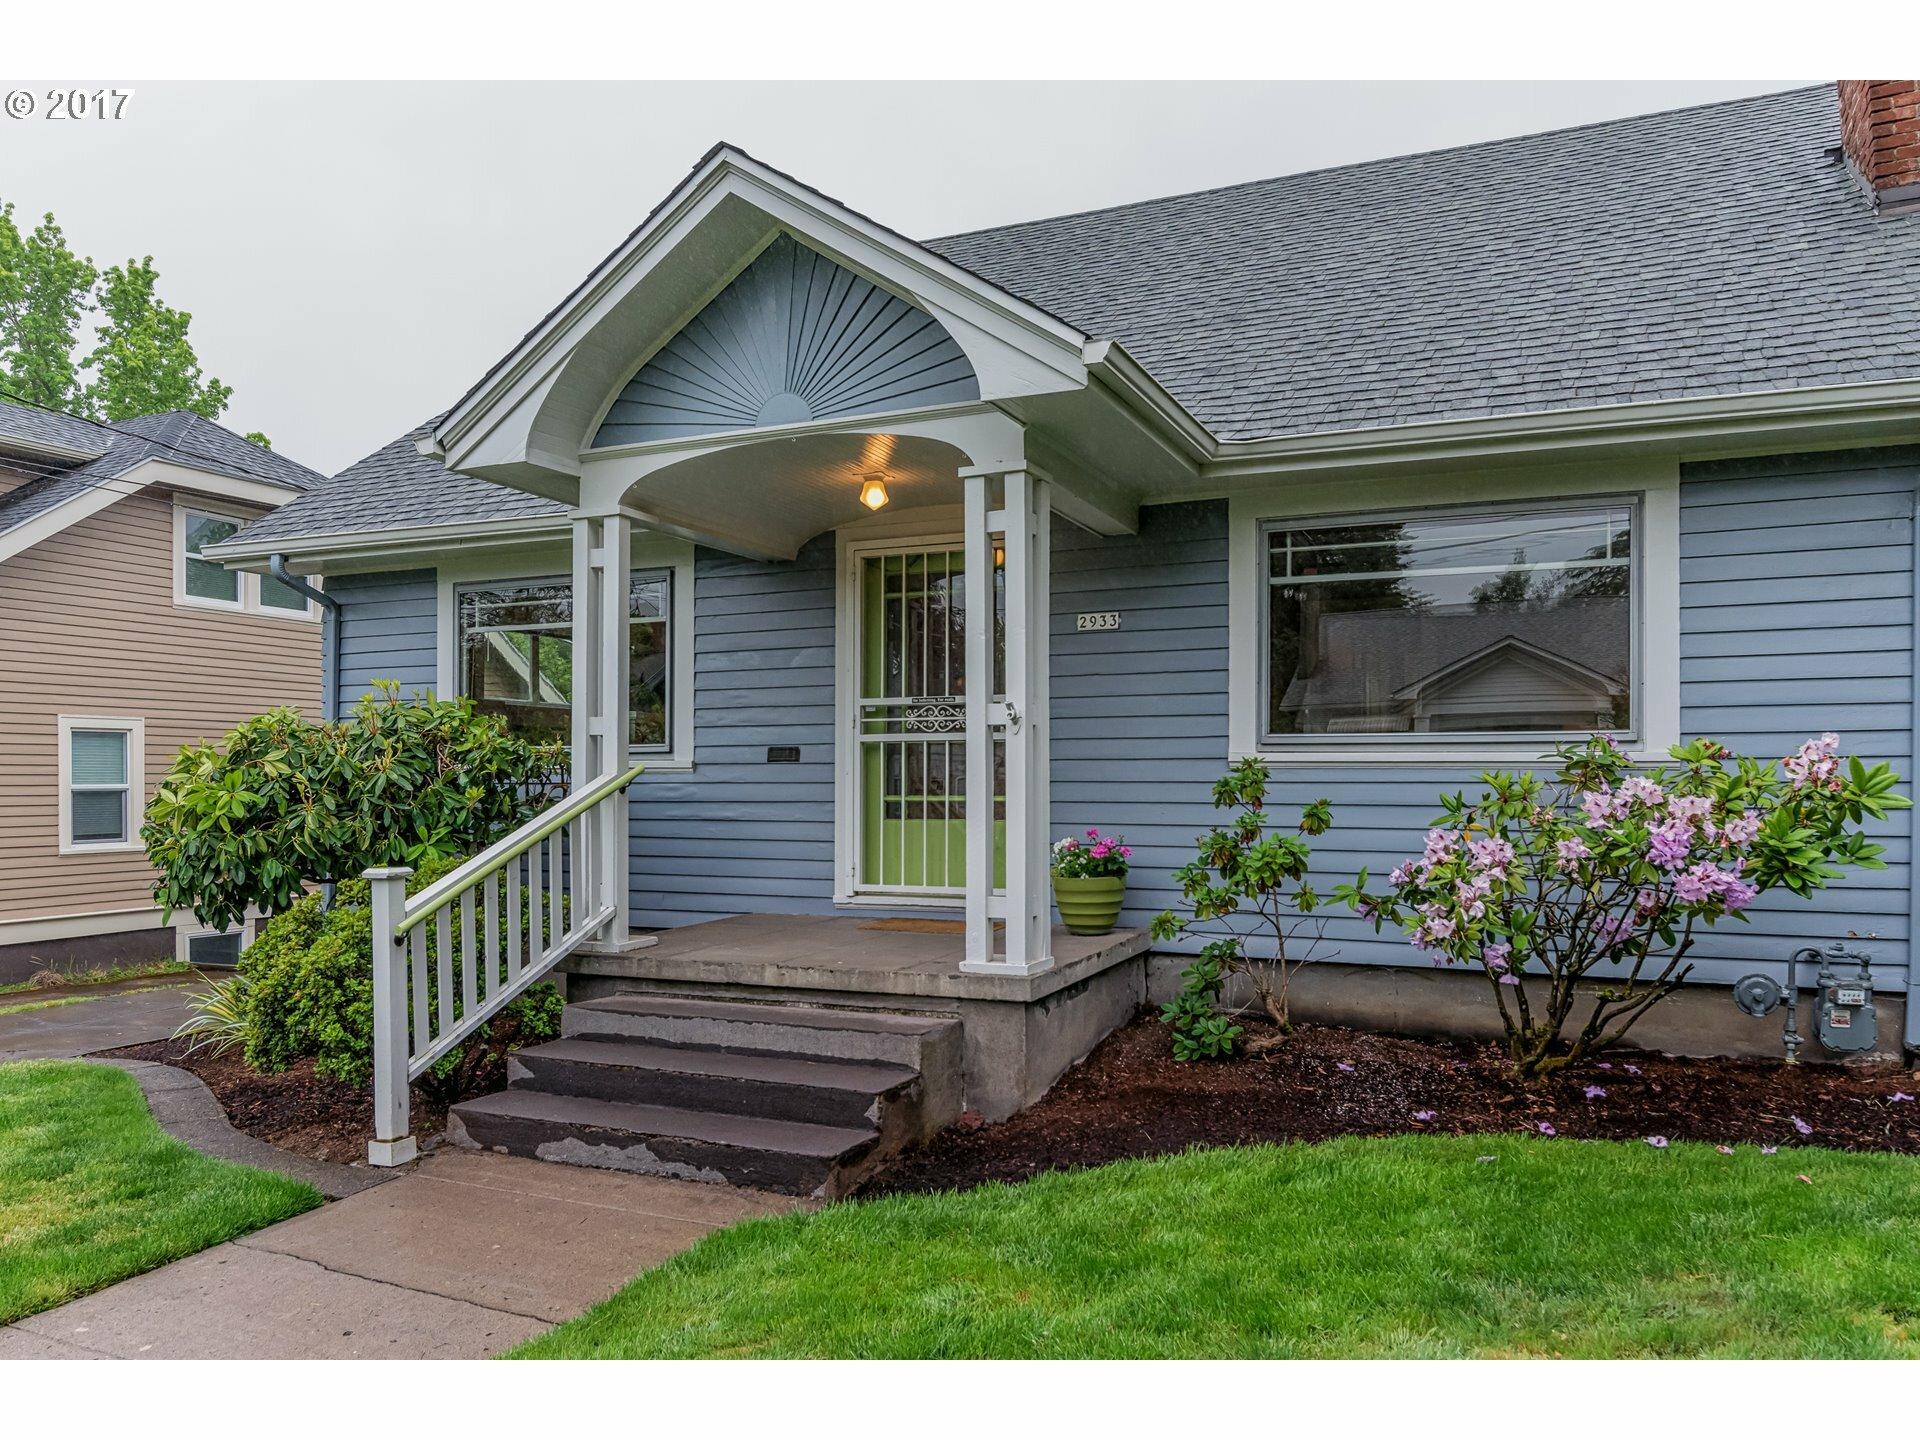 2933 Ne 38th Ave, Portland, OR - USA (photo 2)